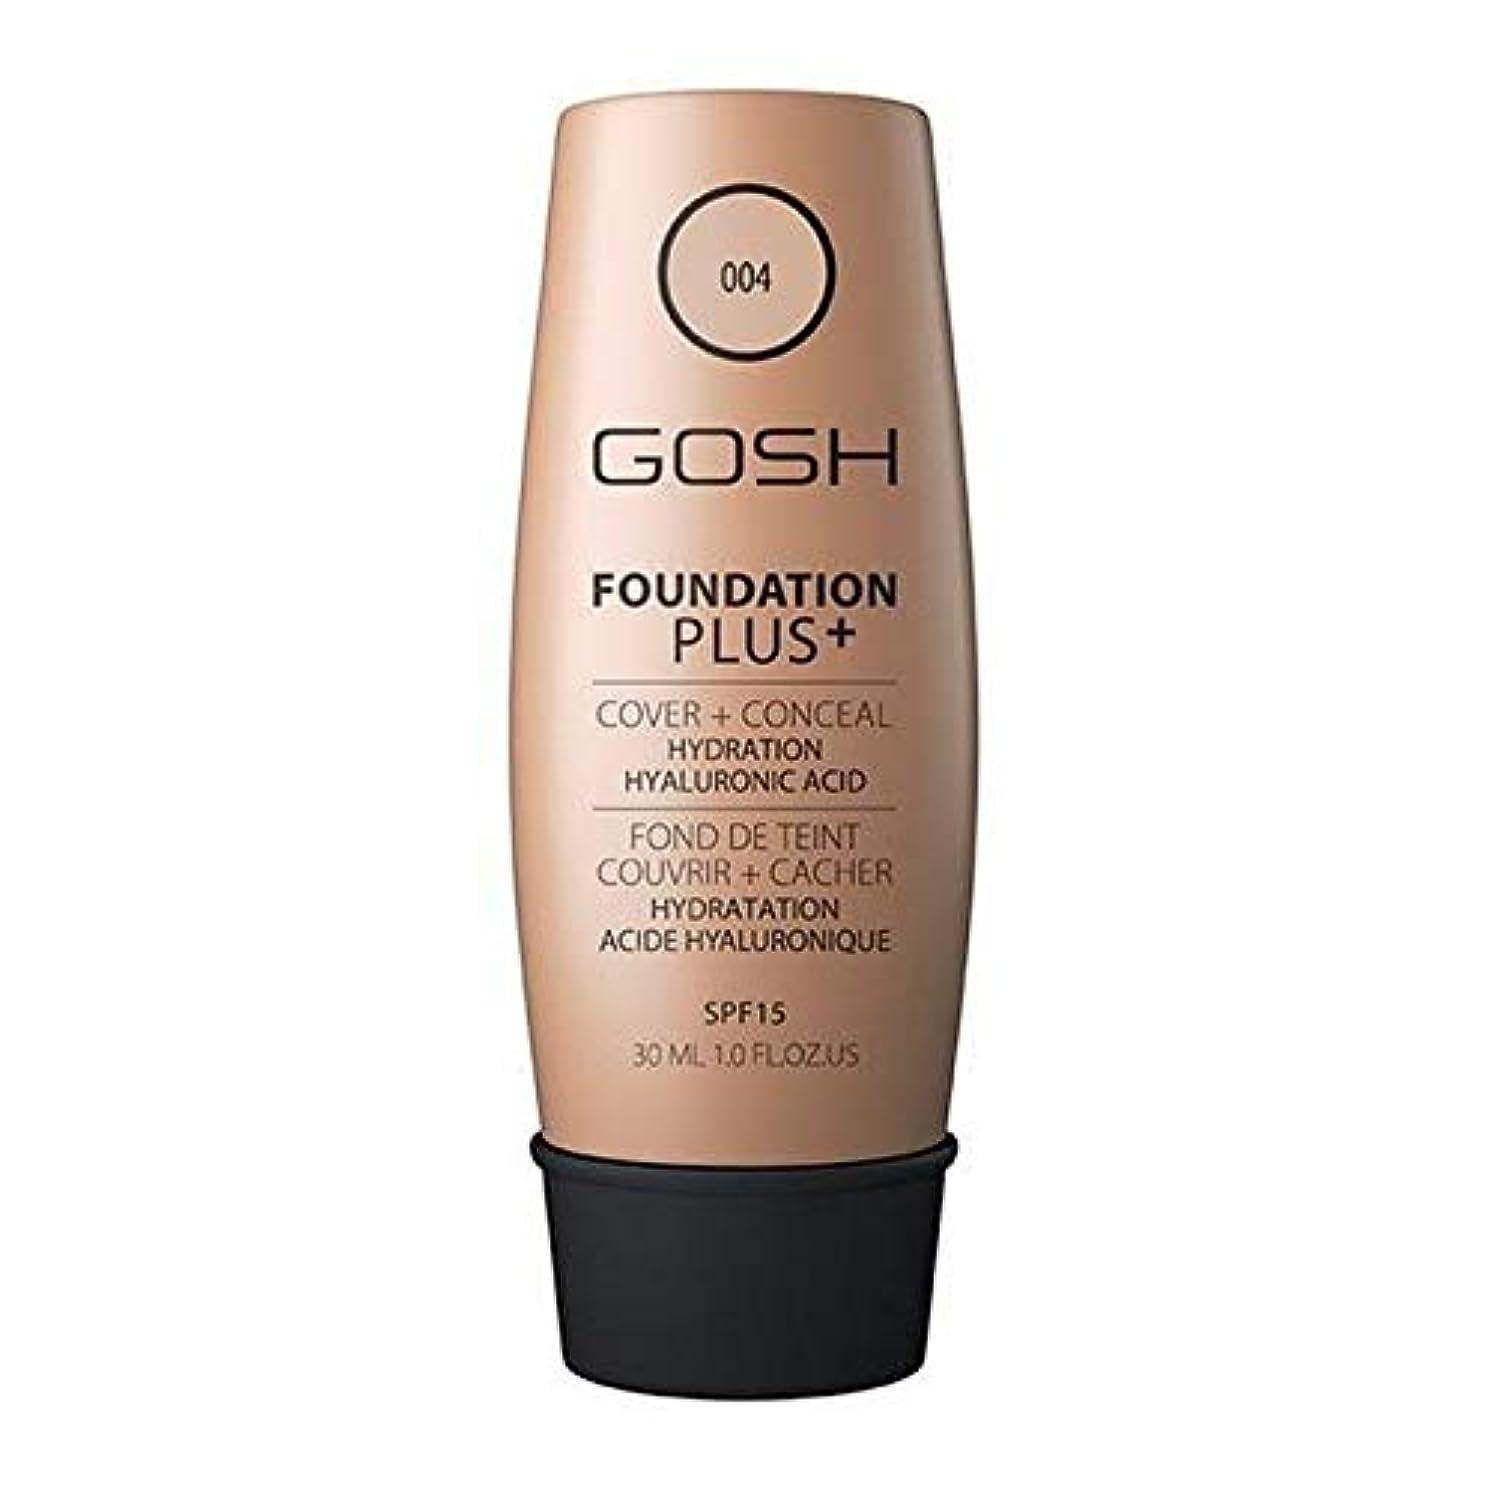 駅主喉が渇いた[GOSH ] おやっ基盤プラス+ナチュラル004 - Gosh Foundation Plus+ Natural 004 [並行輸入品]